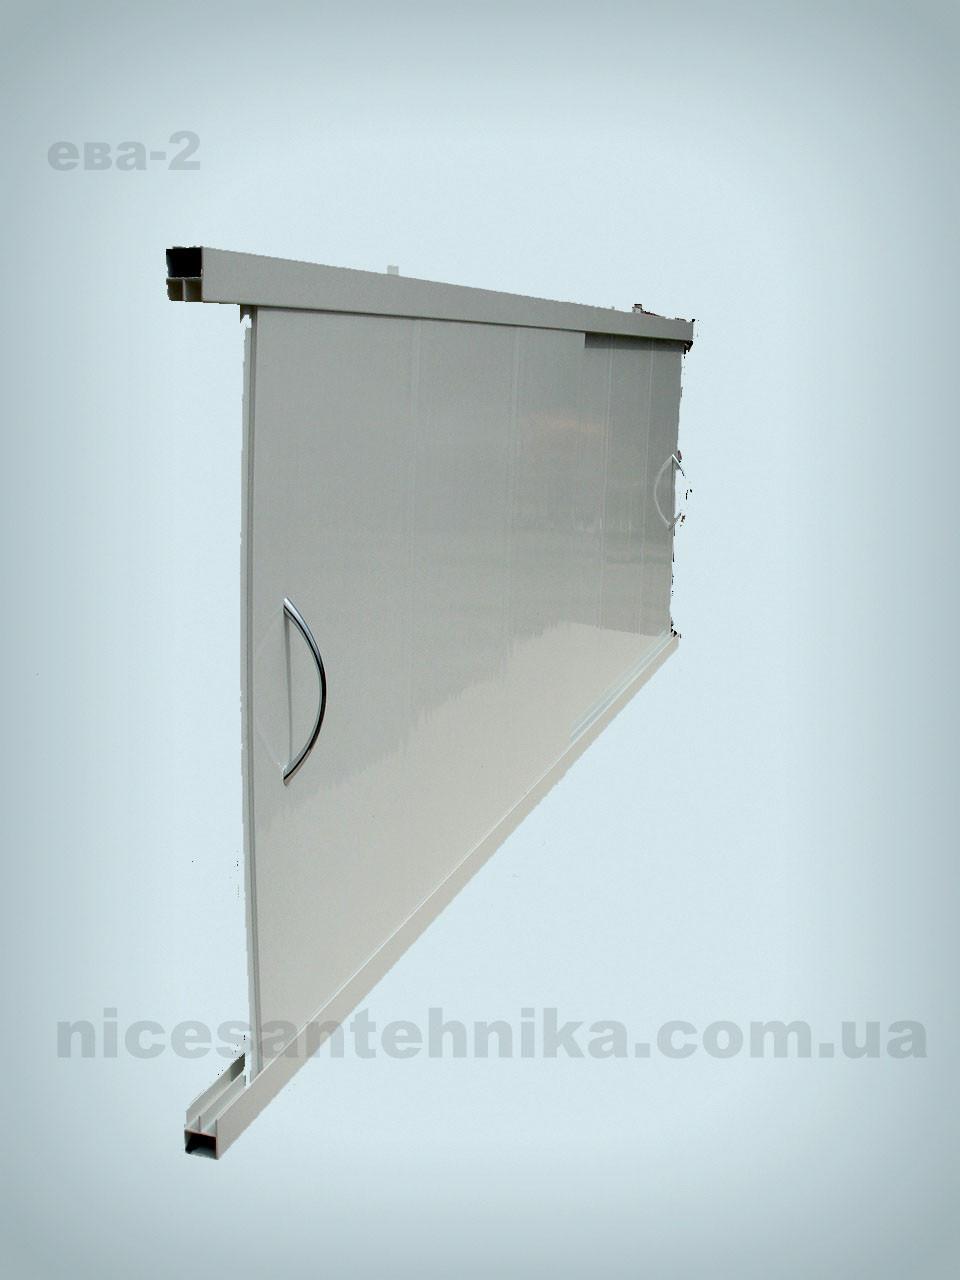 Экран для ванны алюминиевый 120*55 см. ЕВА-2